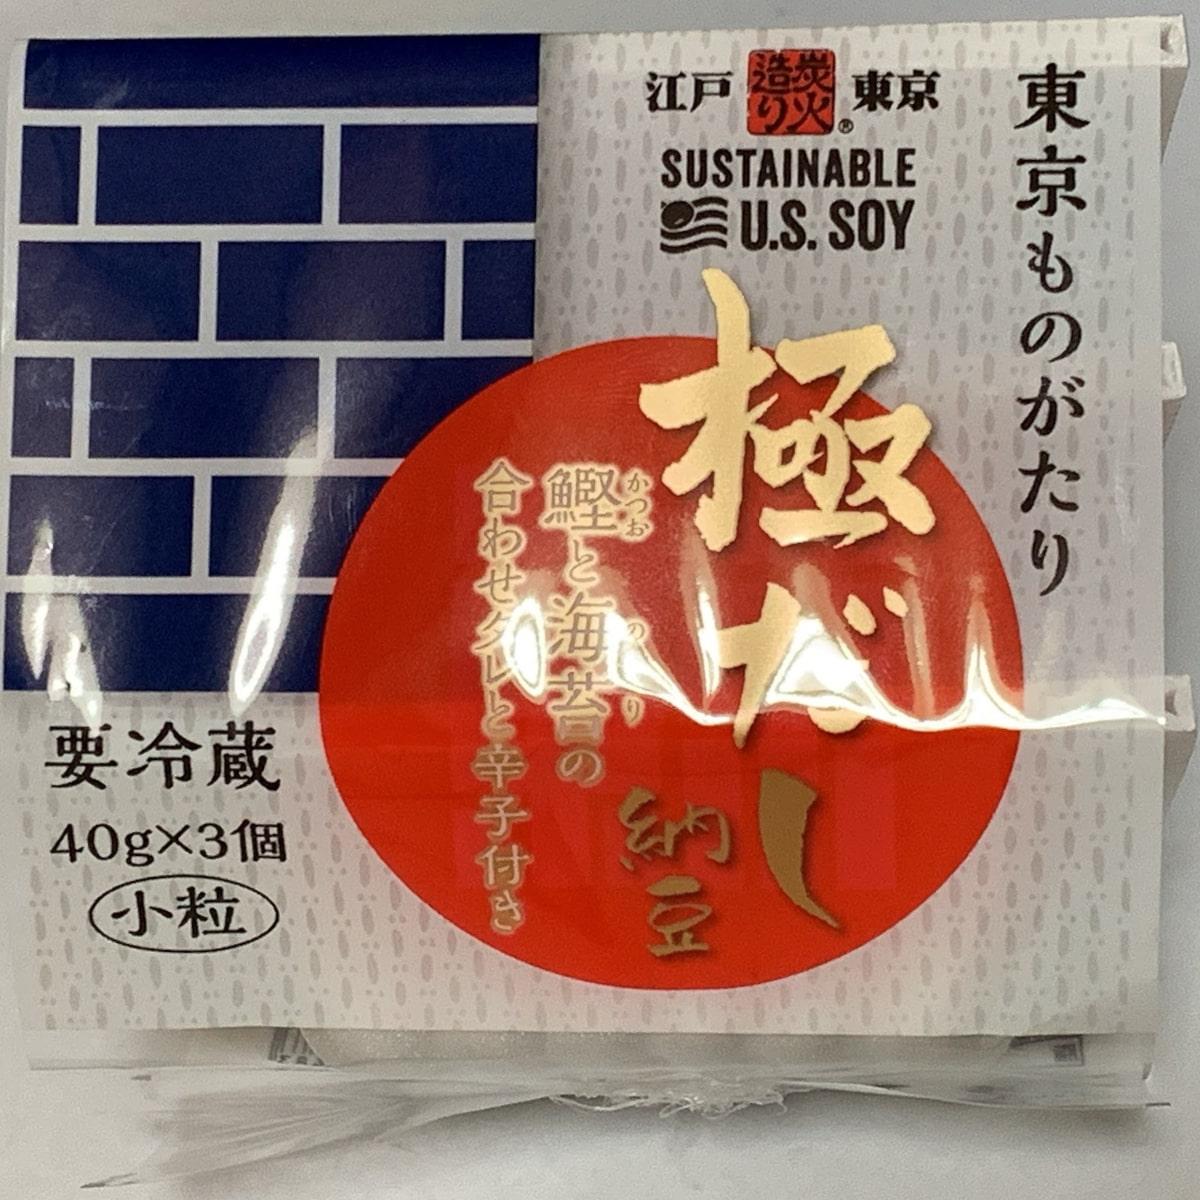 「極だし納豆」の側面の画像 その2